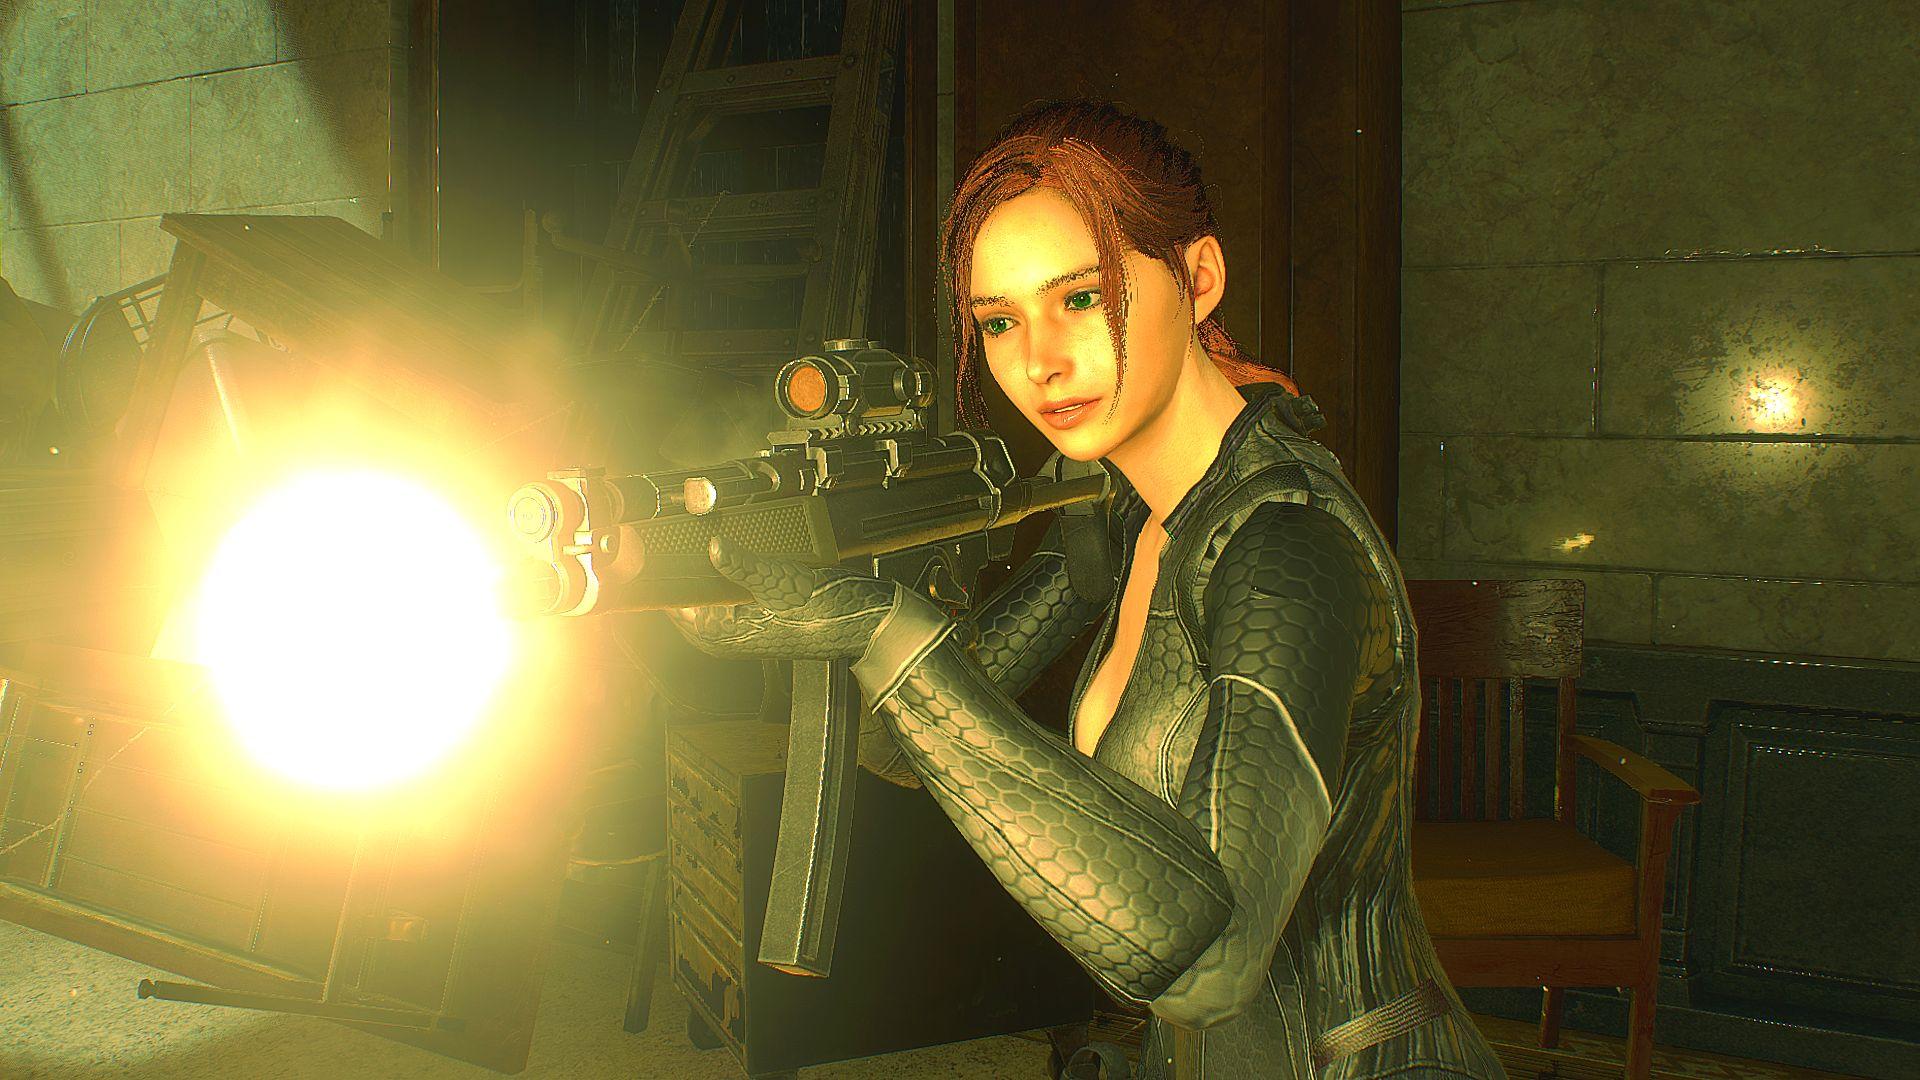 001329.Jpg - Resident Evil 2